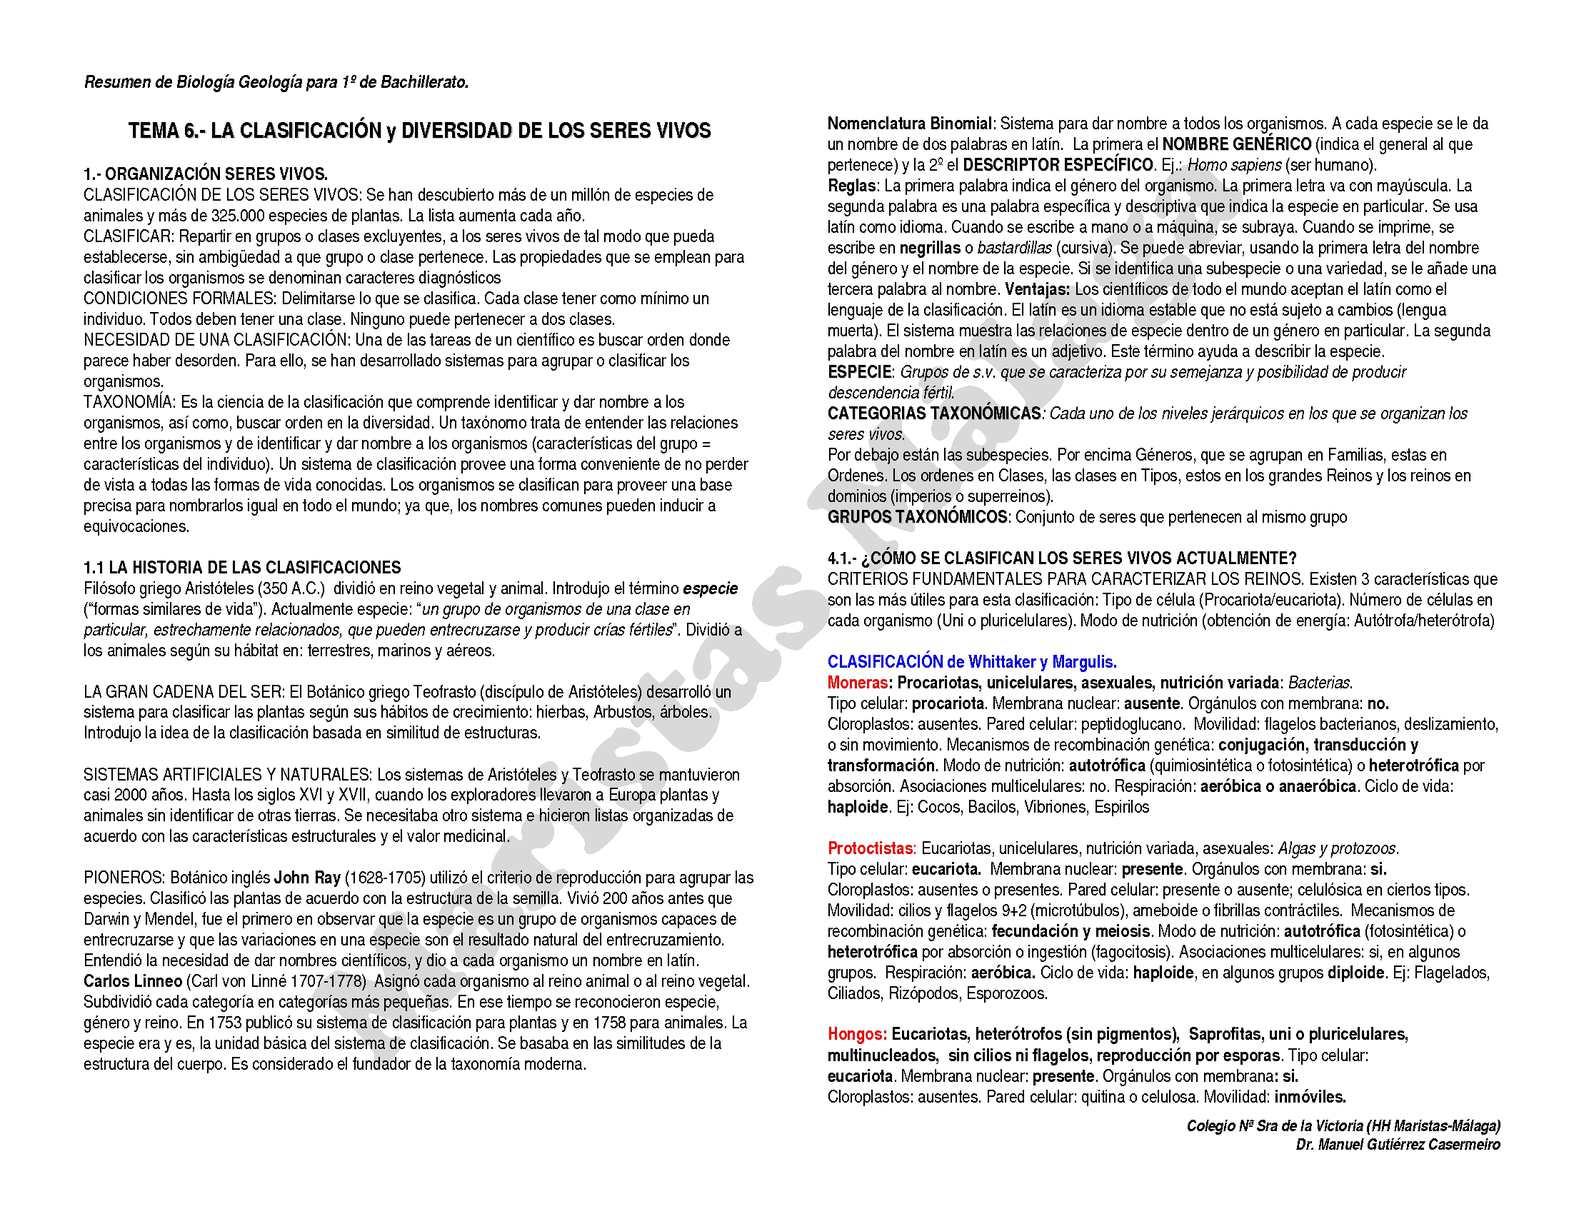 1º BAC-RESUMEN TEMA 06 Clasificación y diversidad de los seres vivos